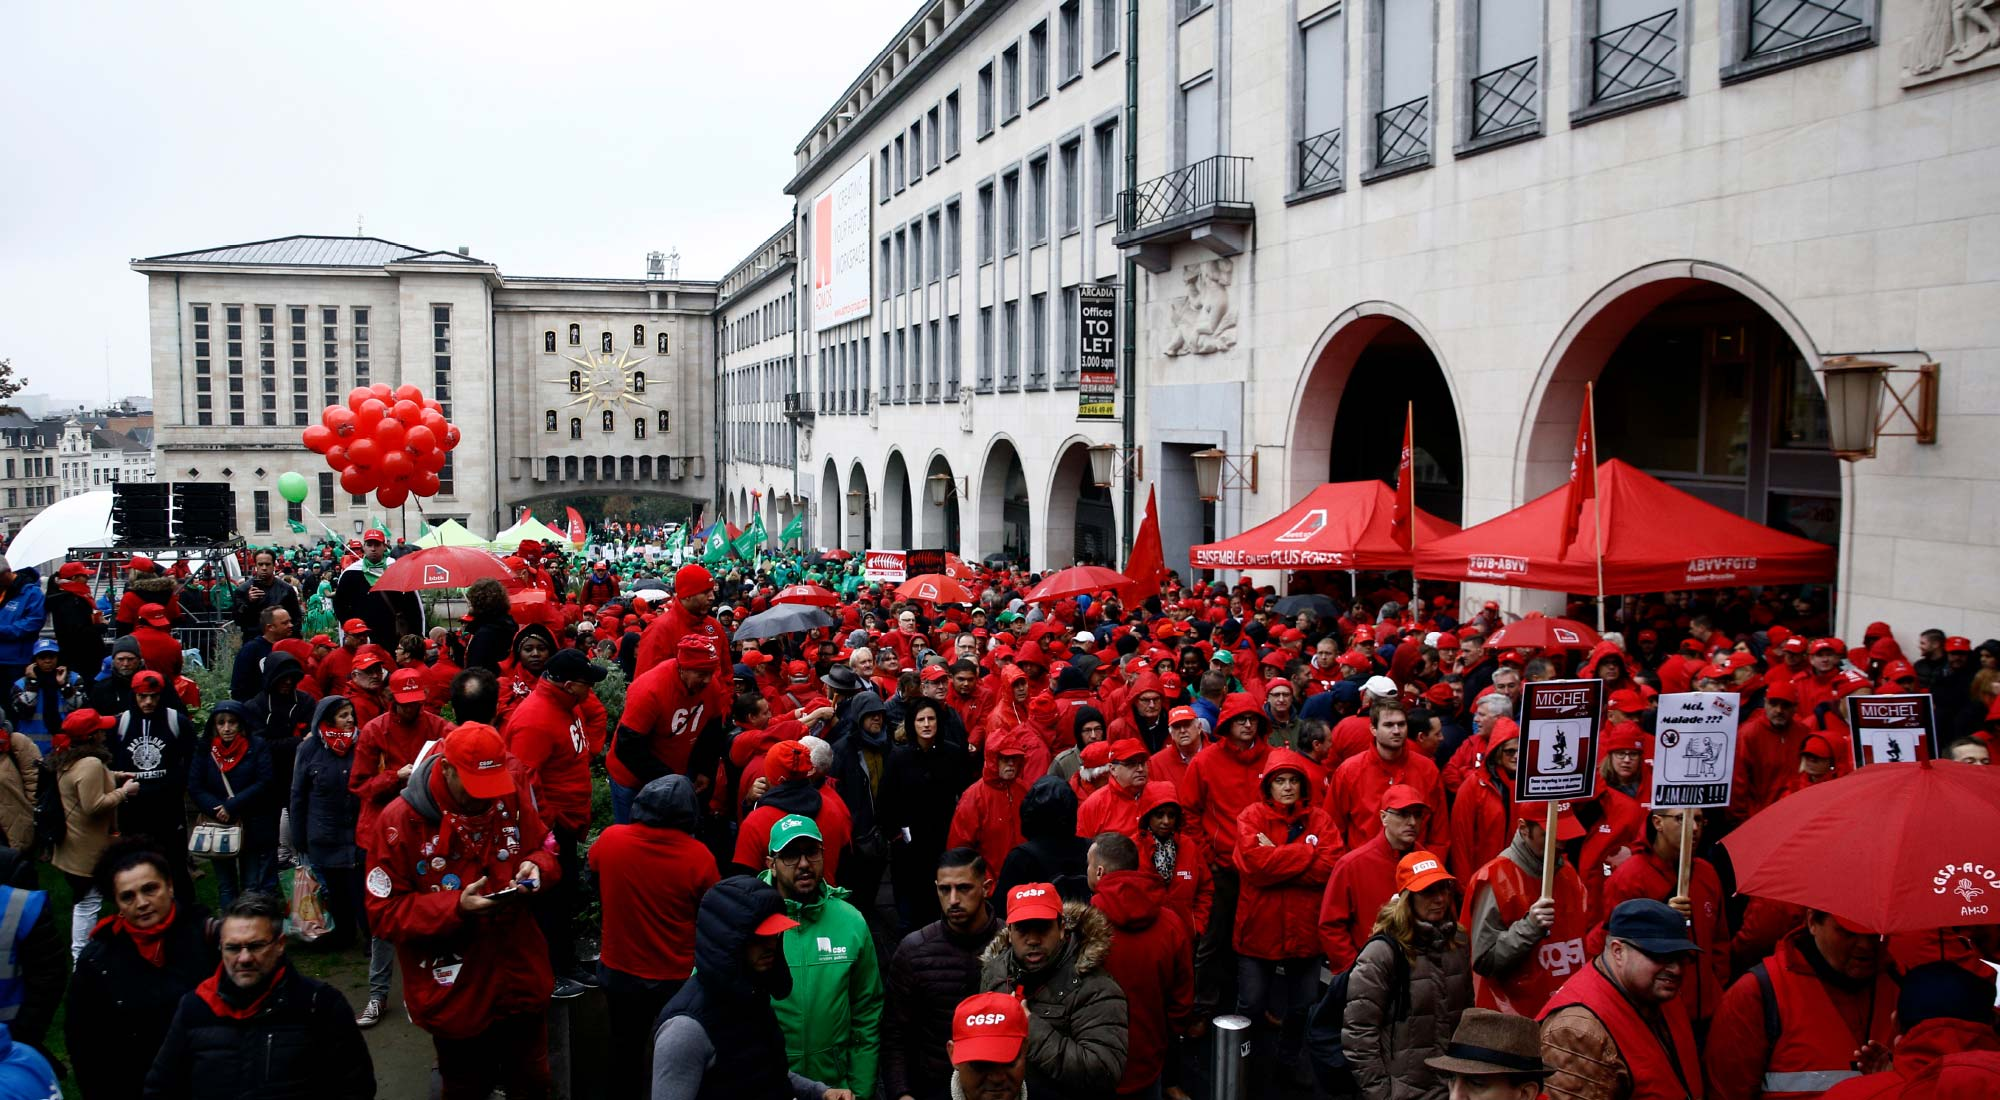 Consacrer le droit de grève et conférer la personnalité juridique aux syndicats